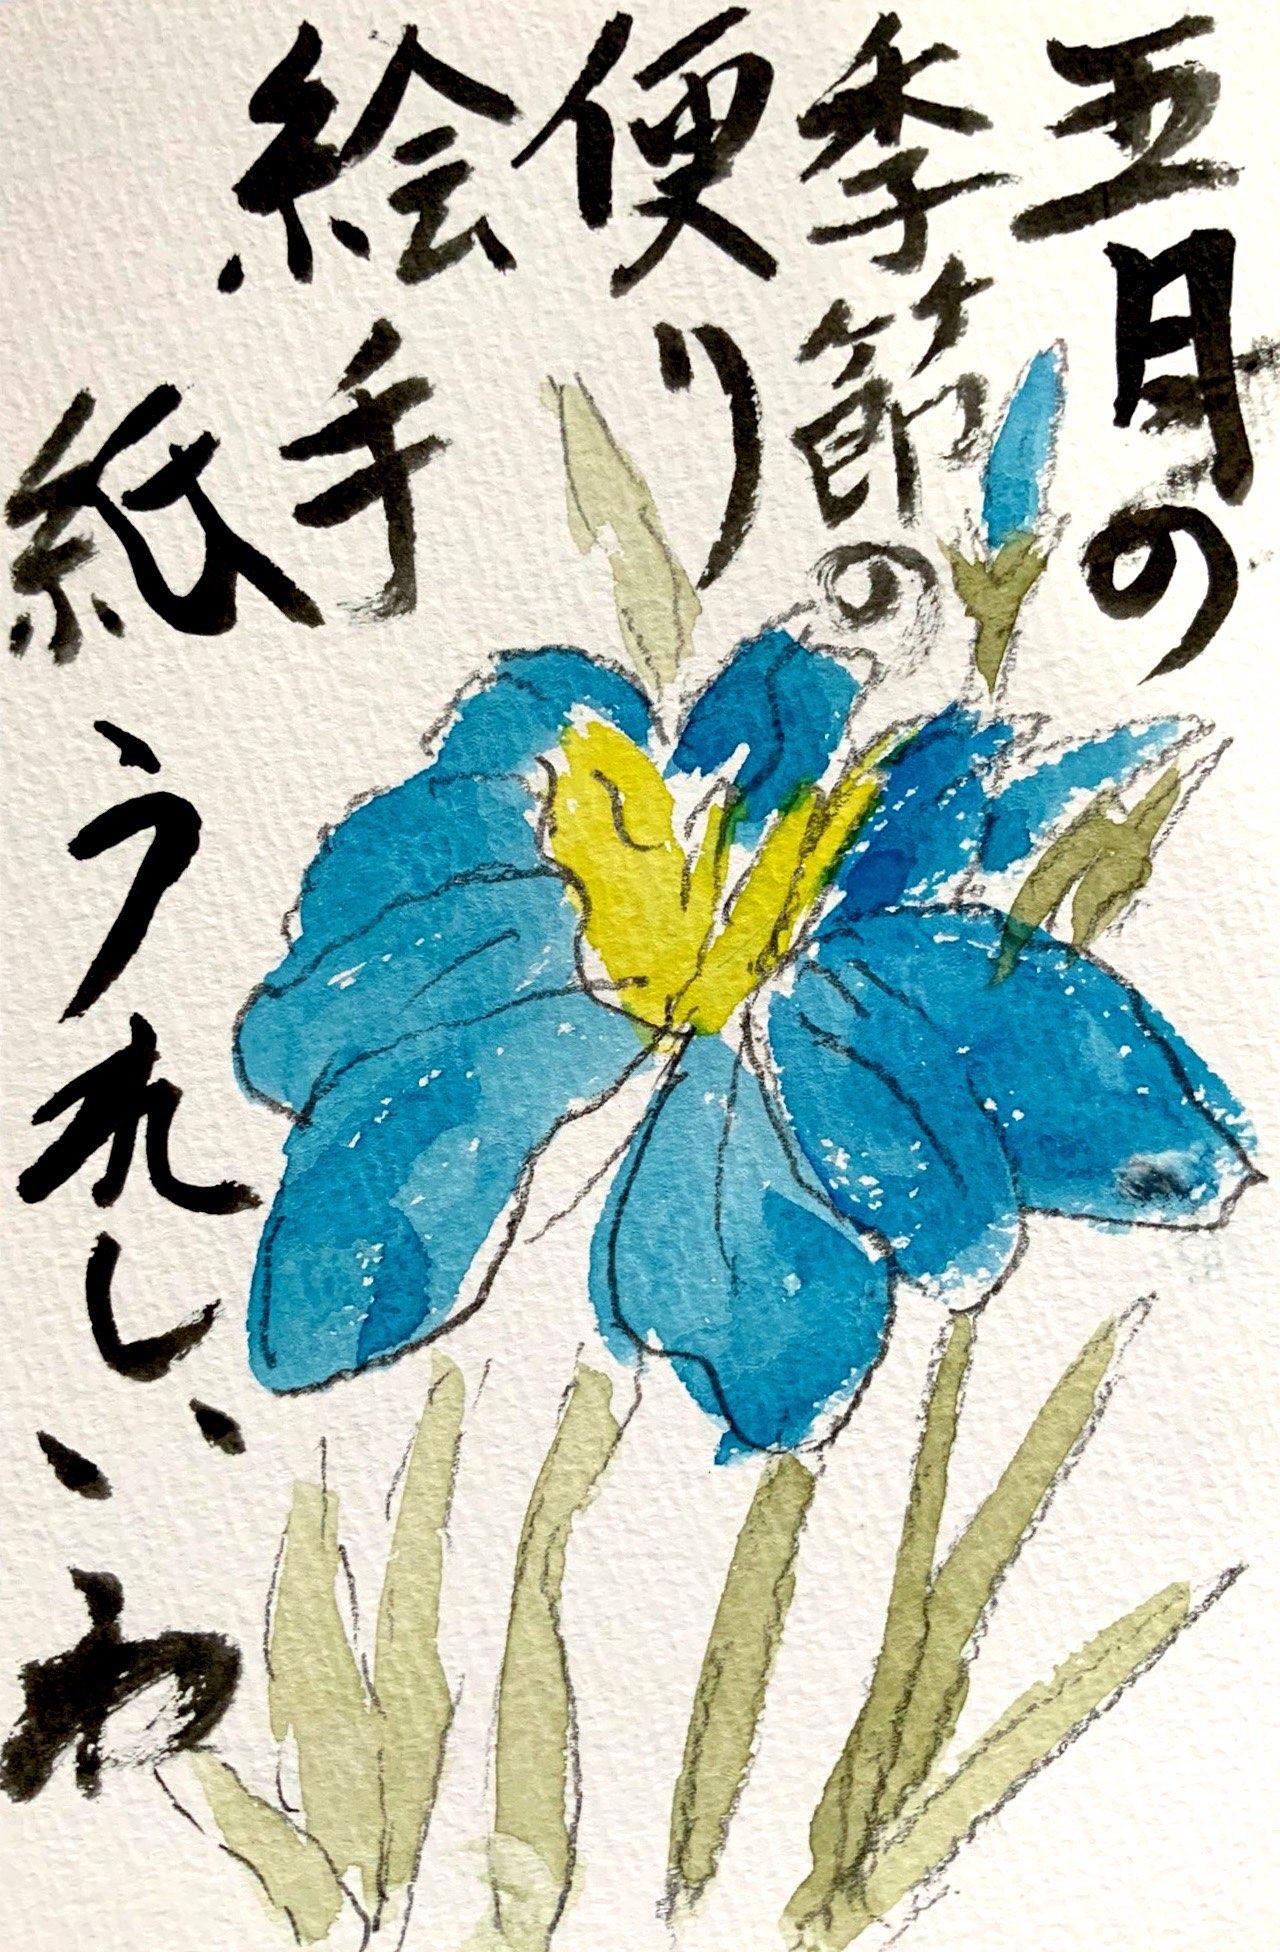 五月の季節の便り 絵手紙うれしいわ